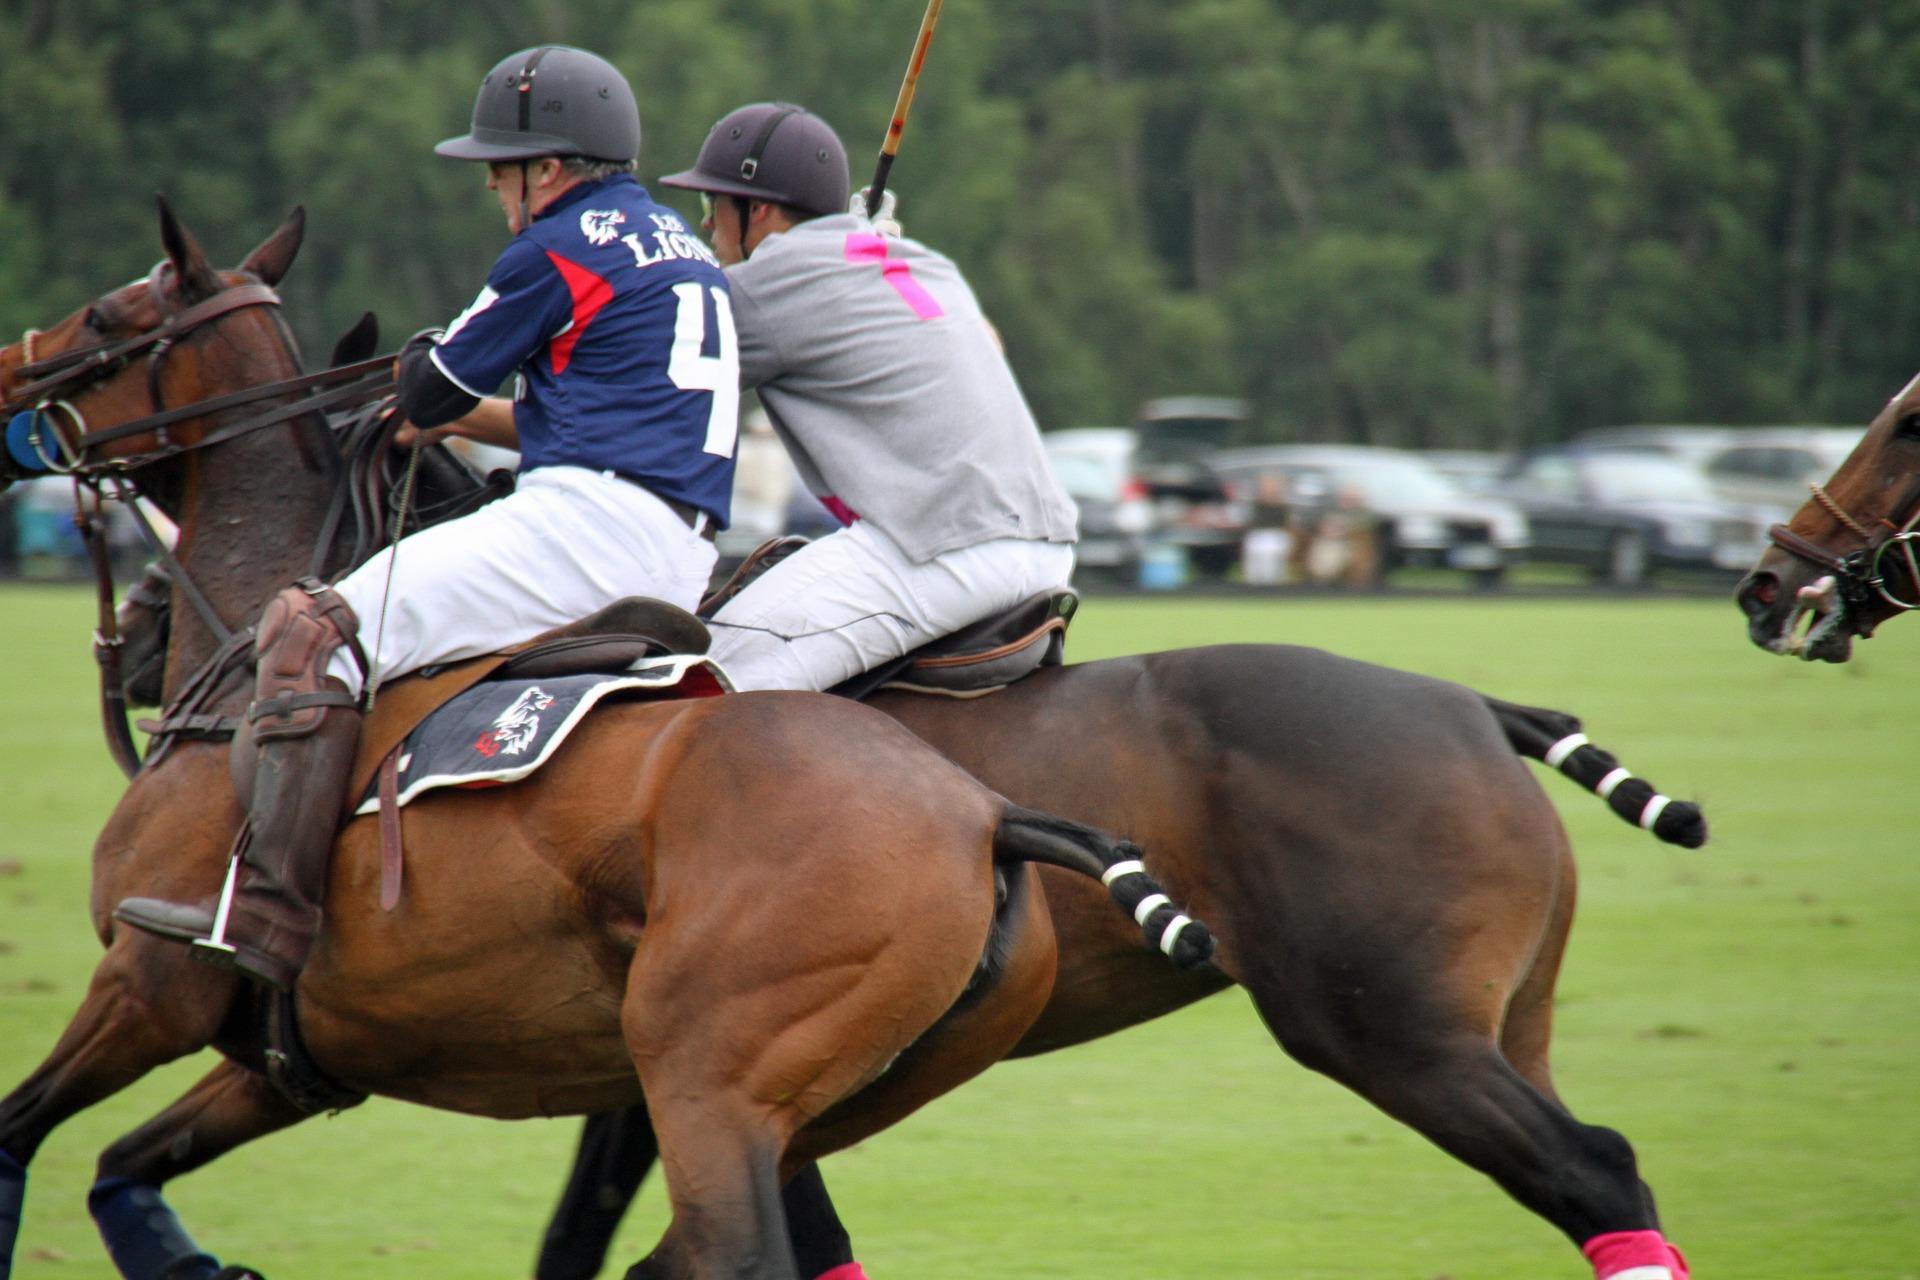 Est-ce-que votre cheval est adapté aux disciplines équestres de groupe ?